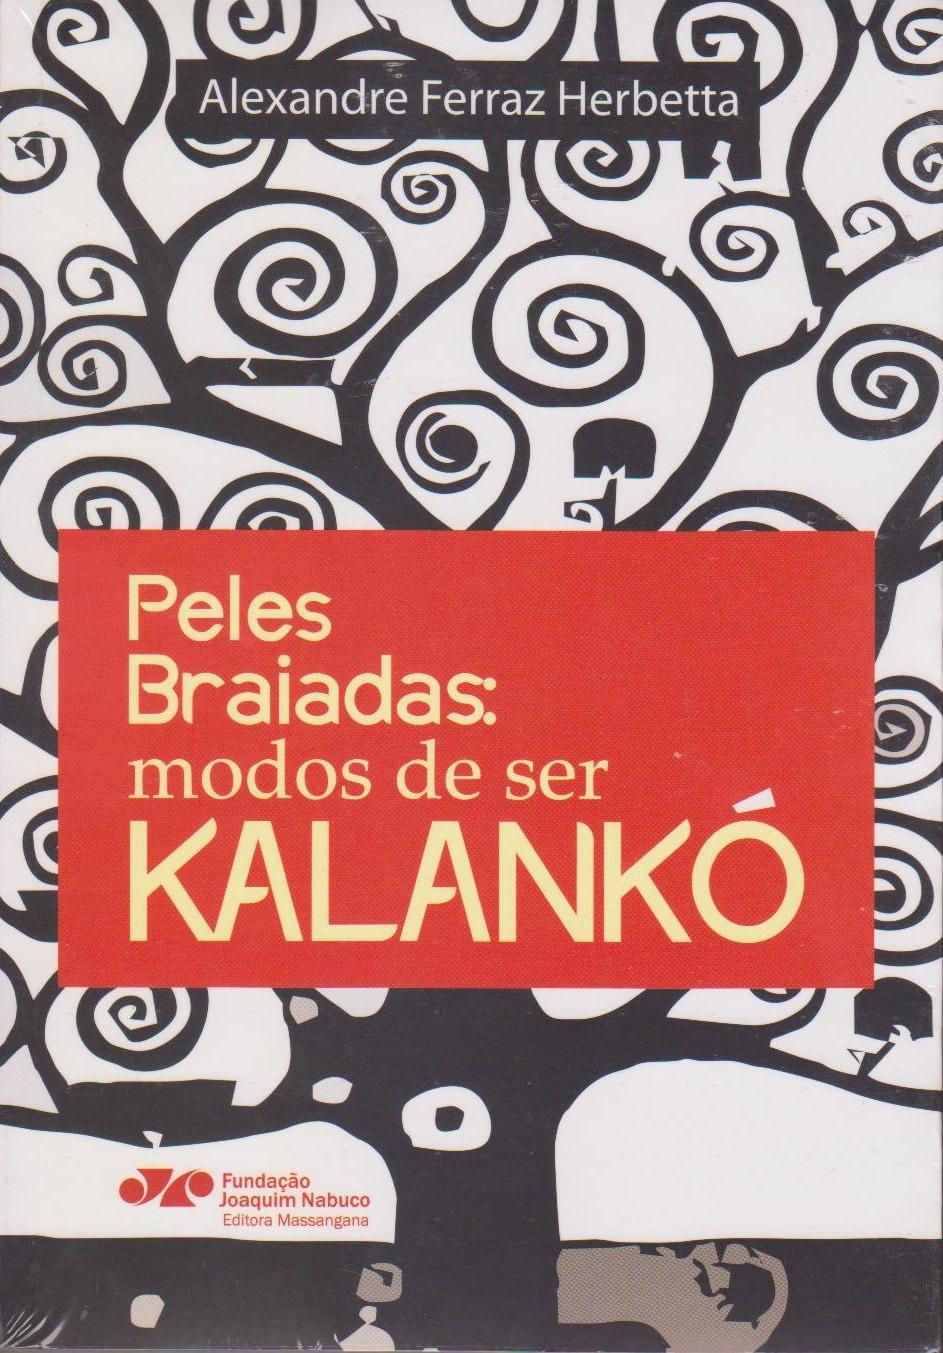 Peles braiadas: modos de ser Kalankó, livro de Alexandre Ferraz Herbetta